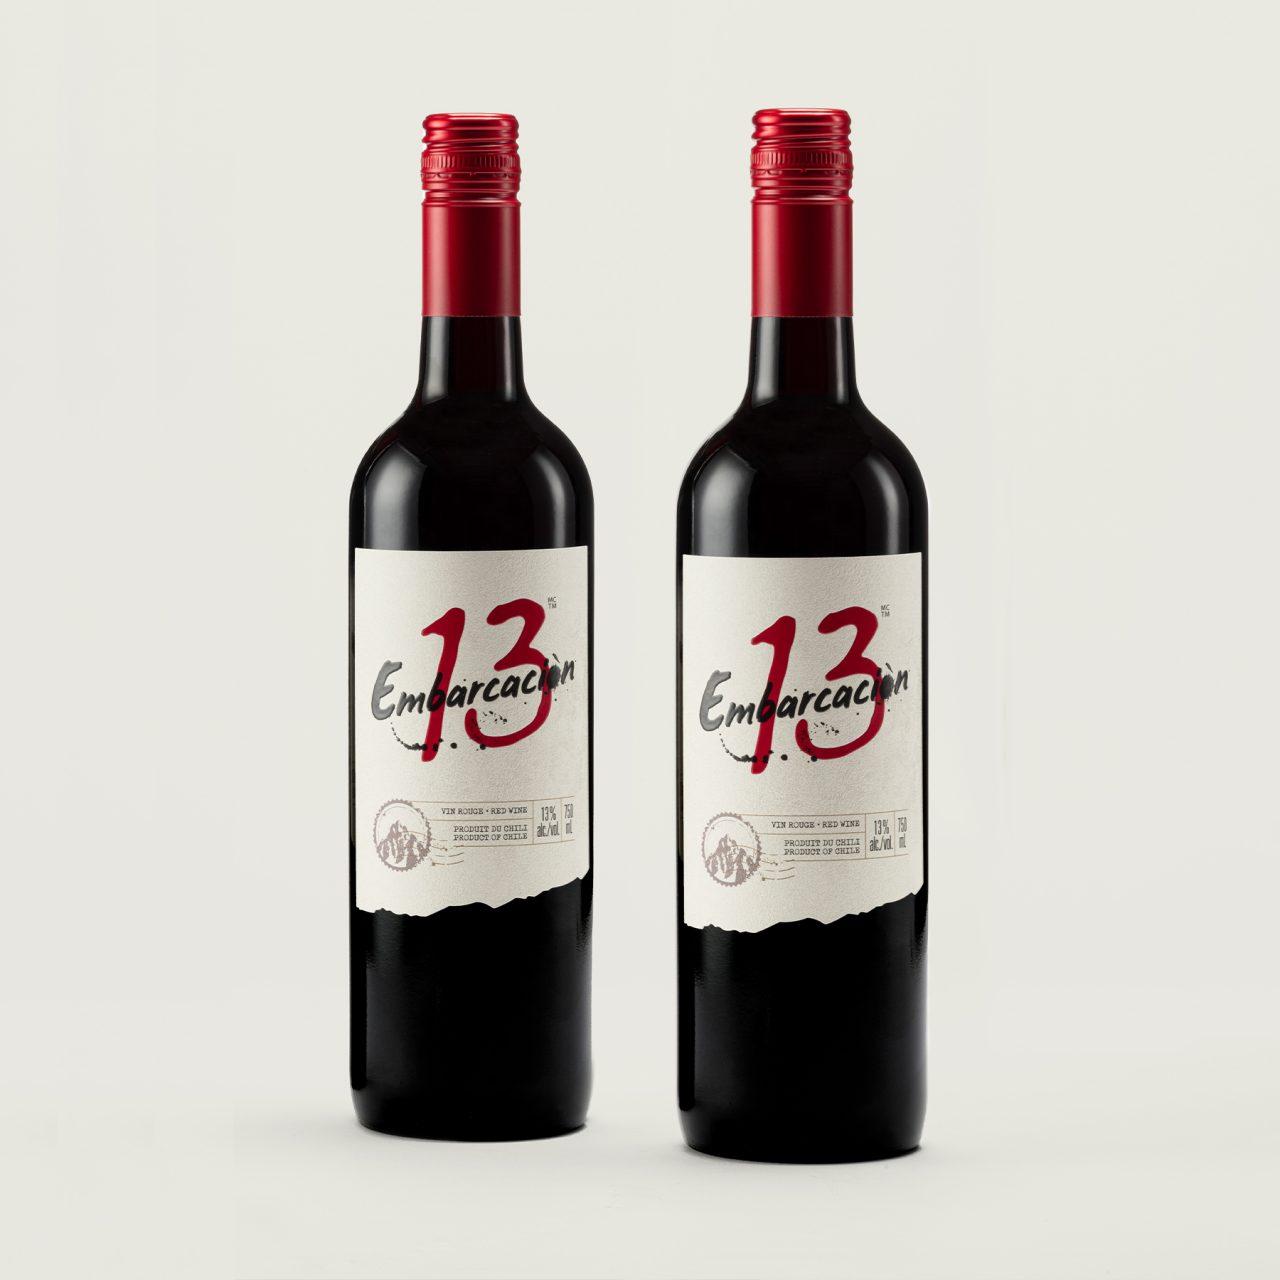 embarcacion wine packaging – Design d'étiquette de vin -BRAND & DESIGN